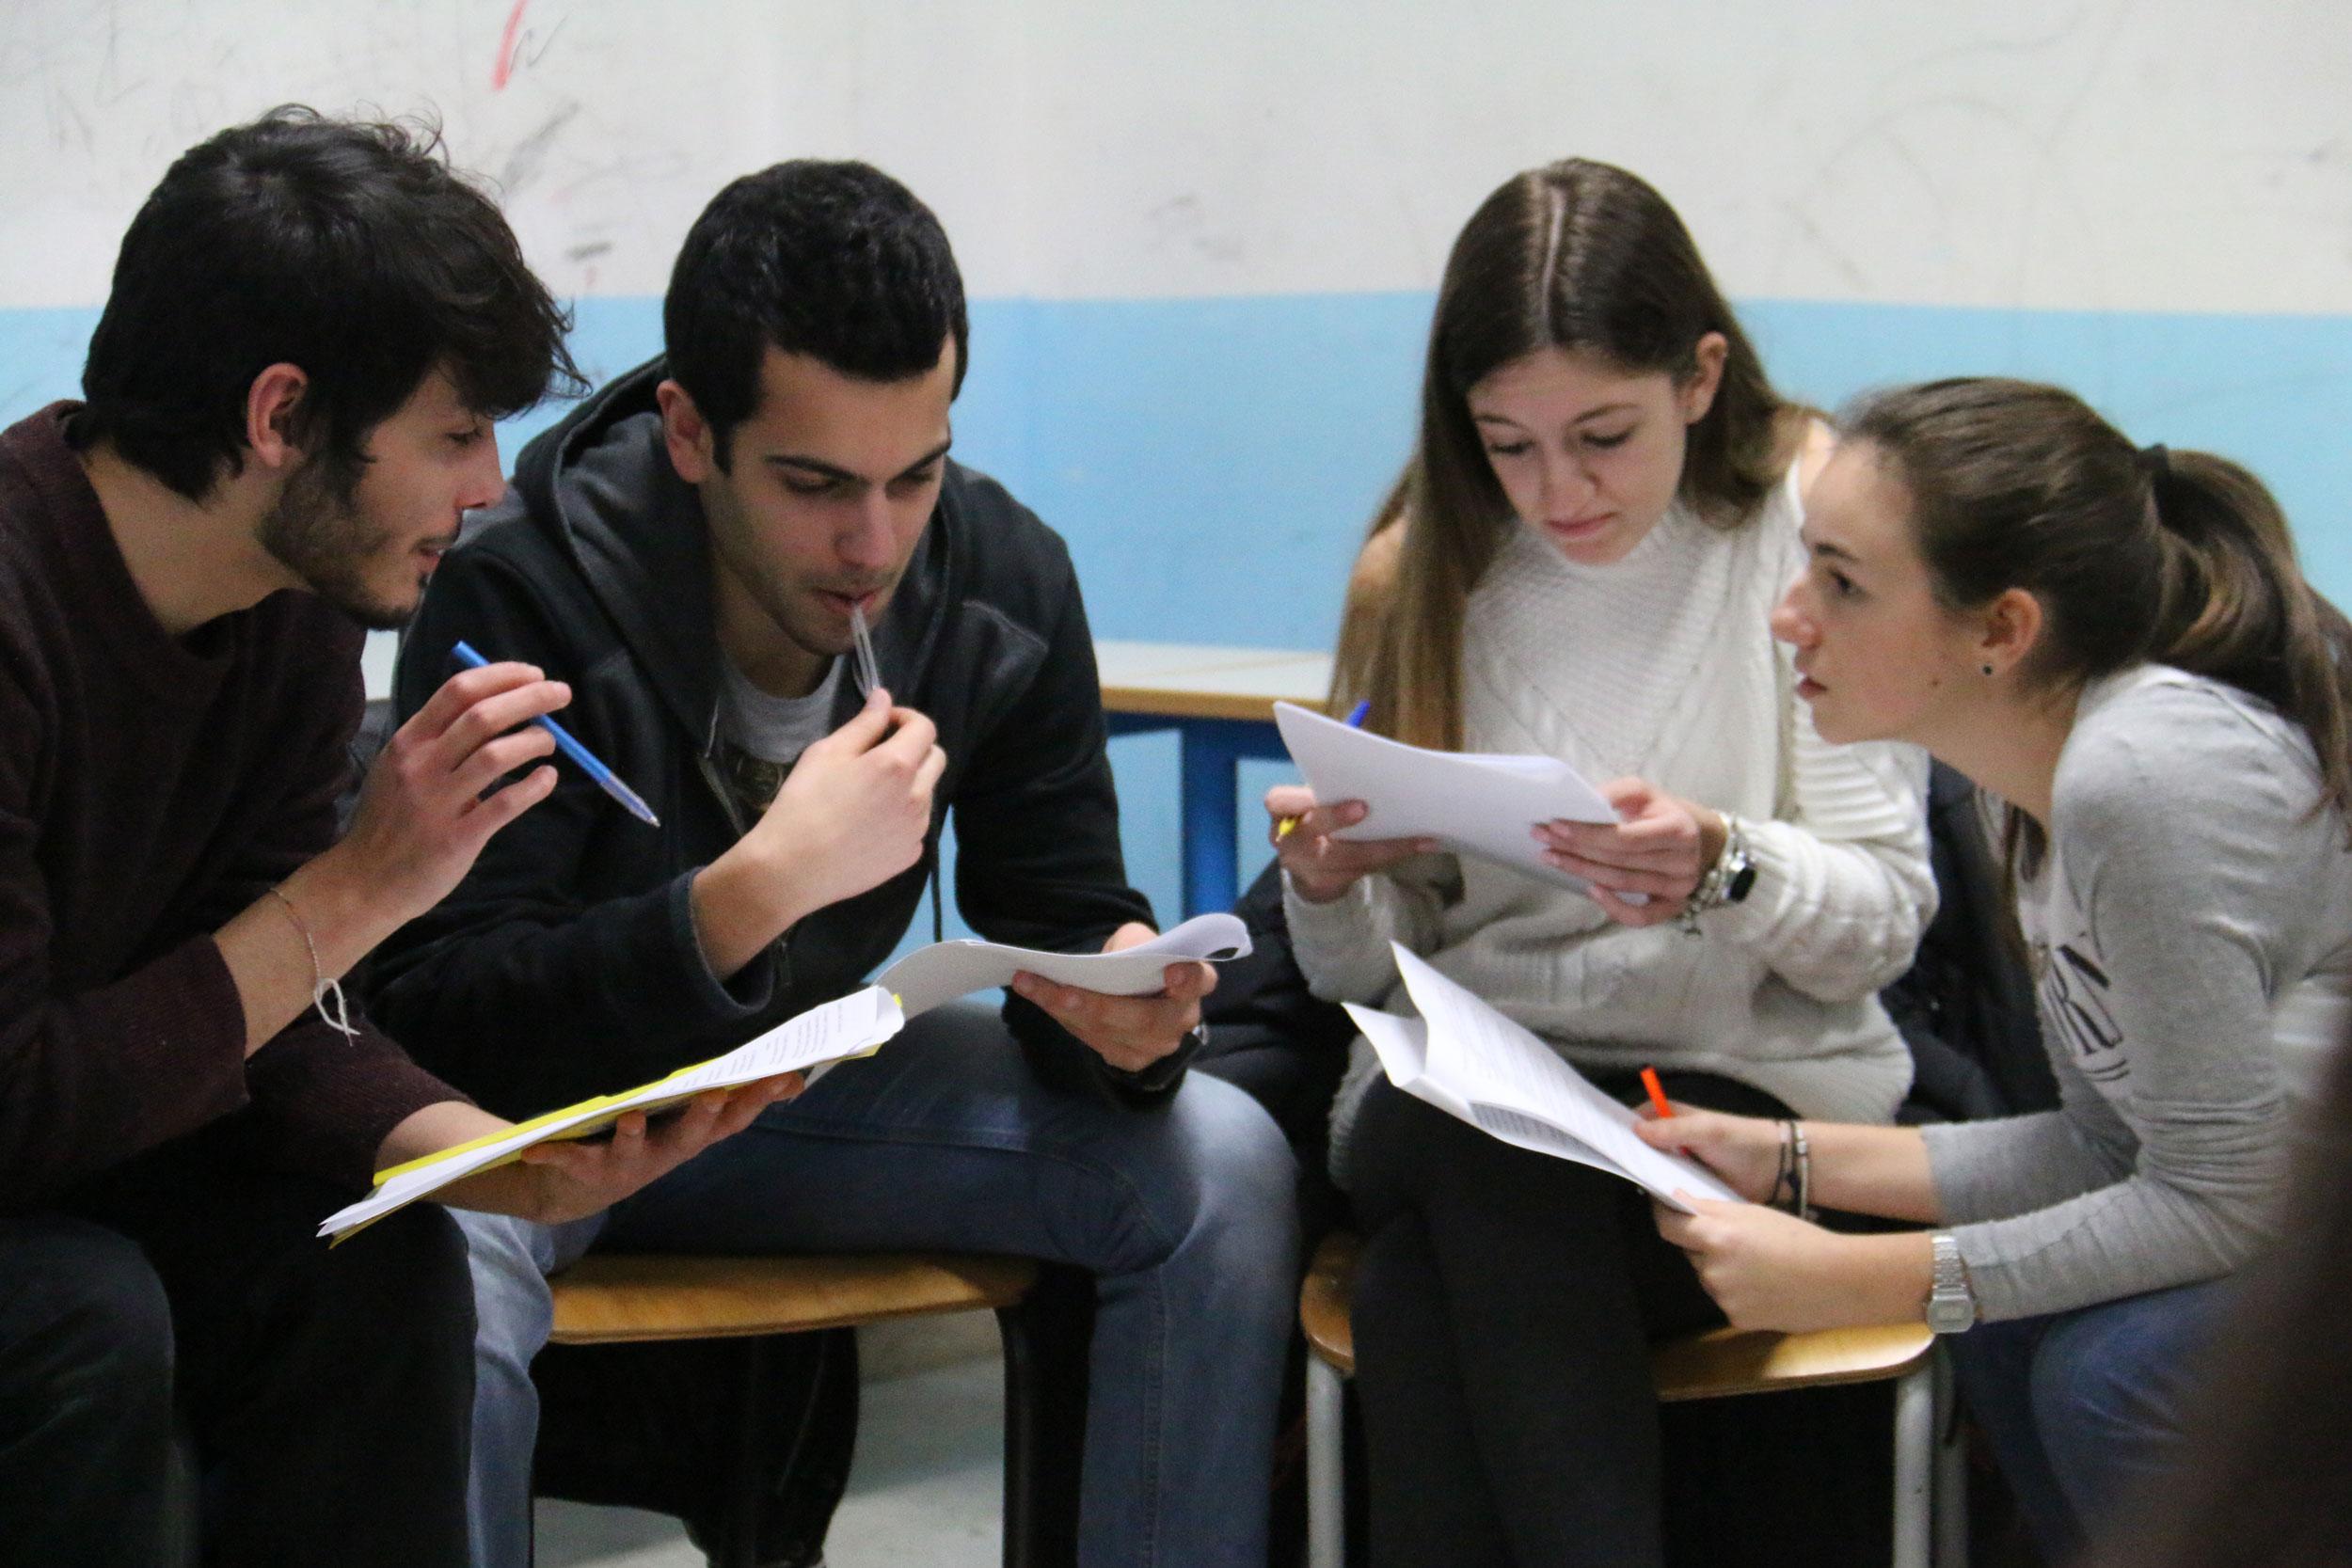 terzo-incontro-peer-educator-scuola-studenti-incontri-prevezione